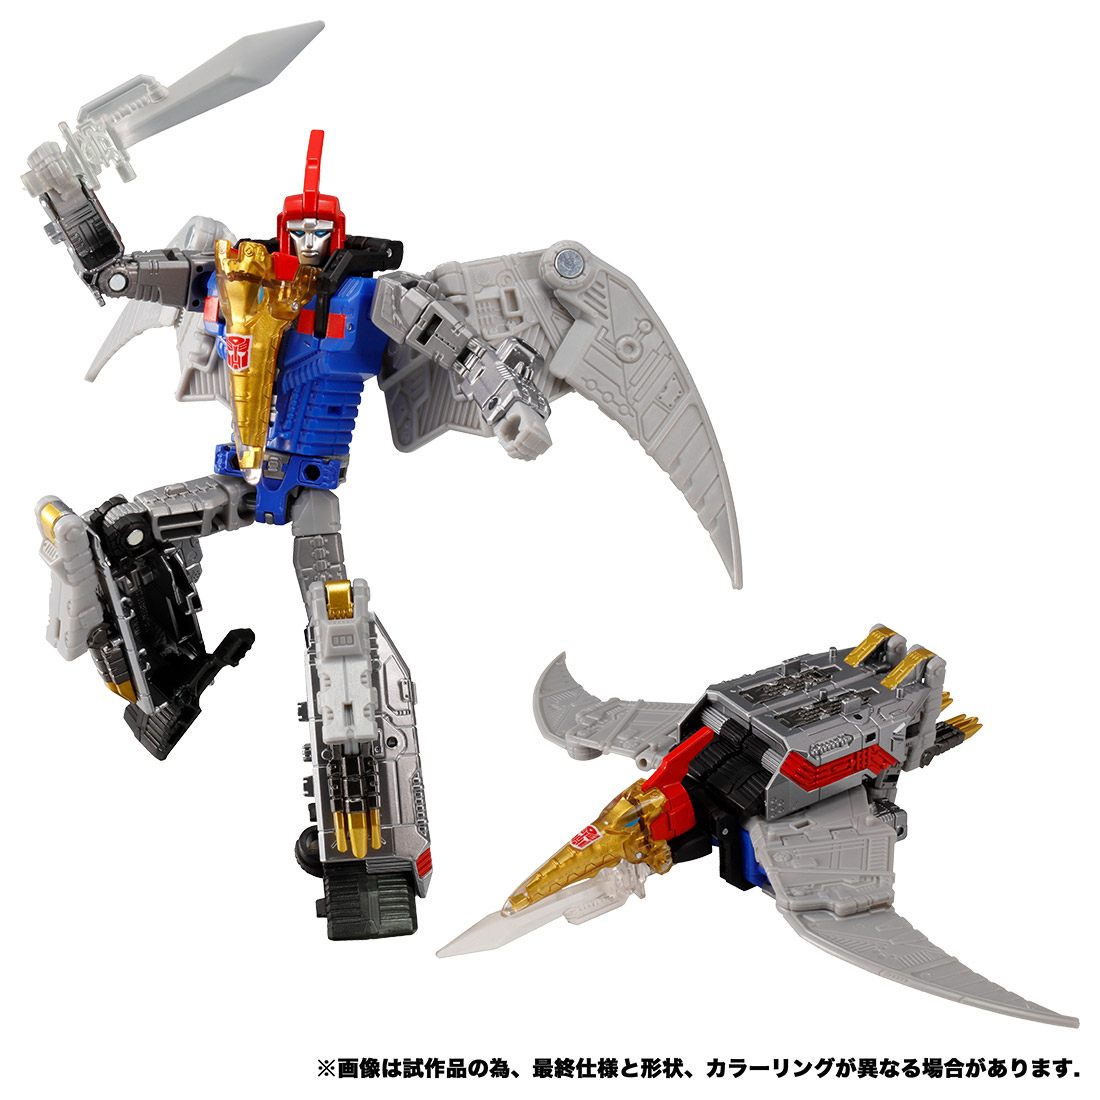 【限定販売】トランスフォーマー GENERATION SELECTS『ボルカニカス』可変可動フィギュア-009